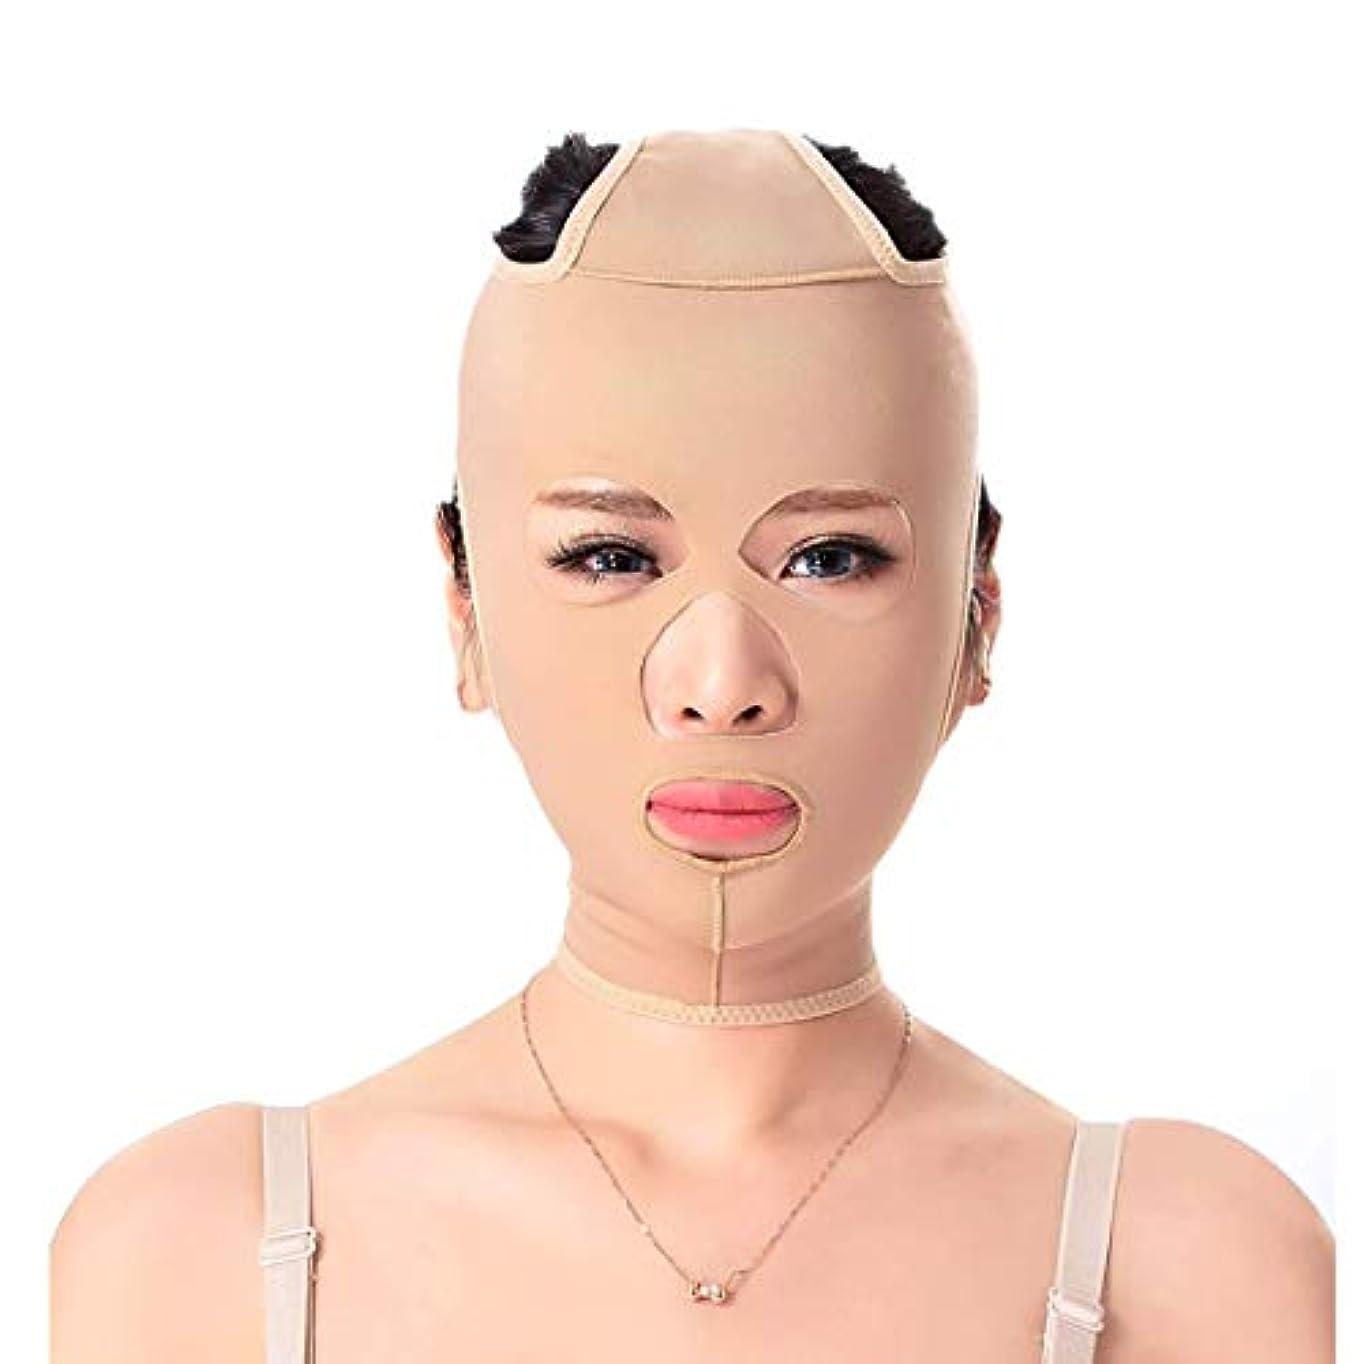 絶対の逆繕うスリミングベルト、二重あごの引き締め顔面プラスチック顔アーティファクト強力な顔の包帯を脇に持ち上げるパターンを欺くためのフェイシャルマスク薄いフェイスマスク(サイズ:XXL),M